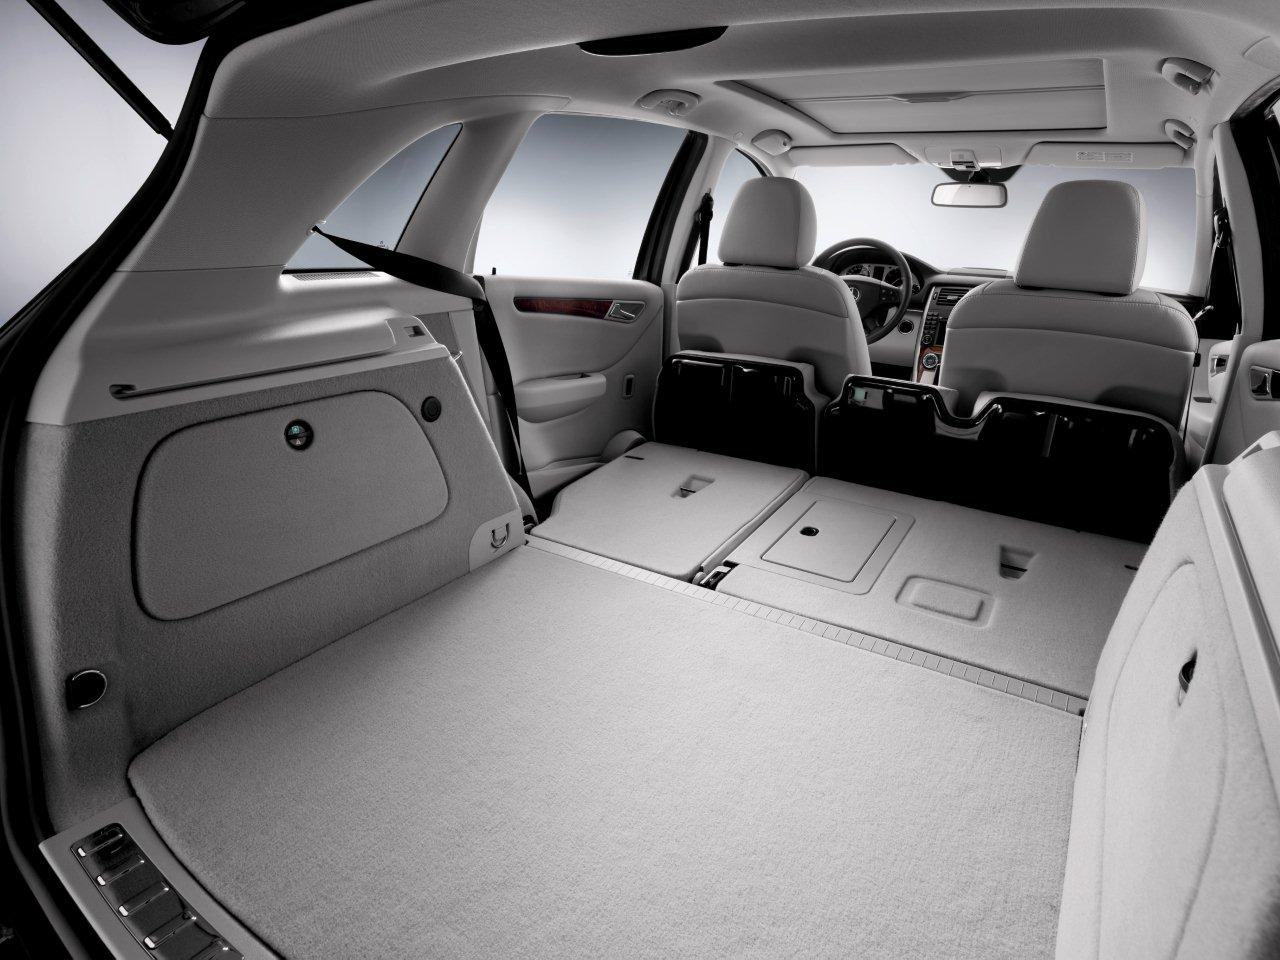 otomobilinde geceleyenler ve inde uyunacak otomobiller sayfa 4 8. Black Bedroom Furniture Sets. Home Design Ideas